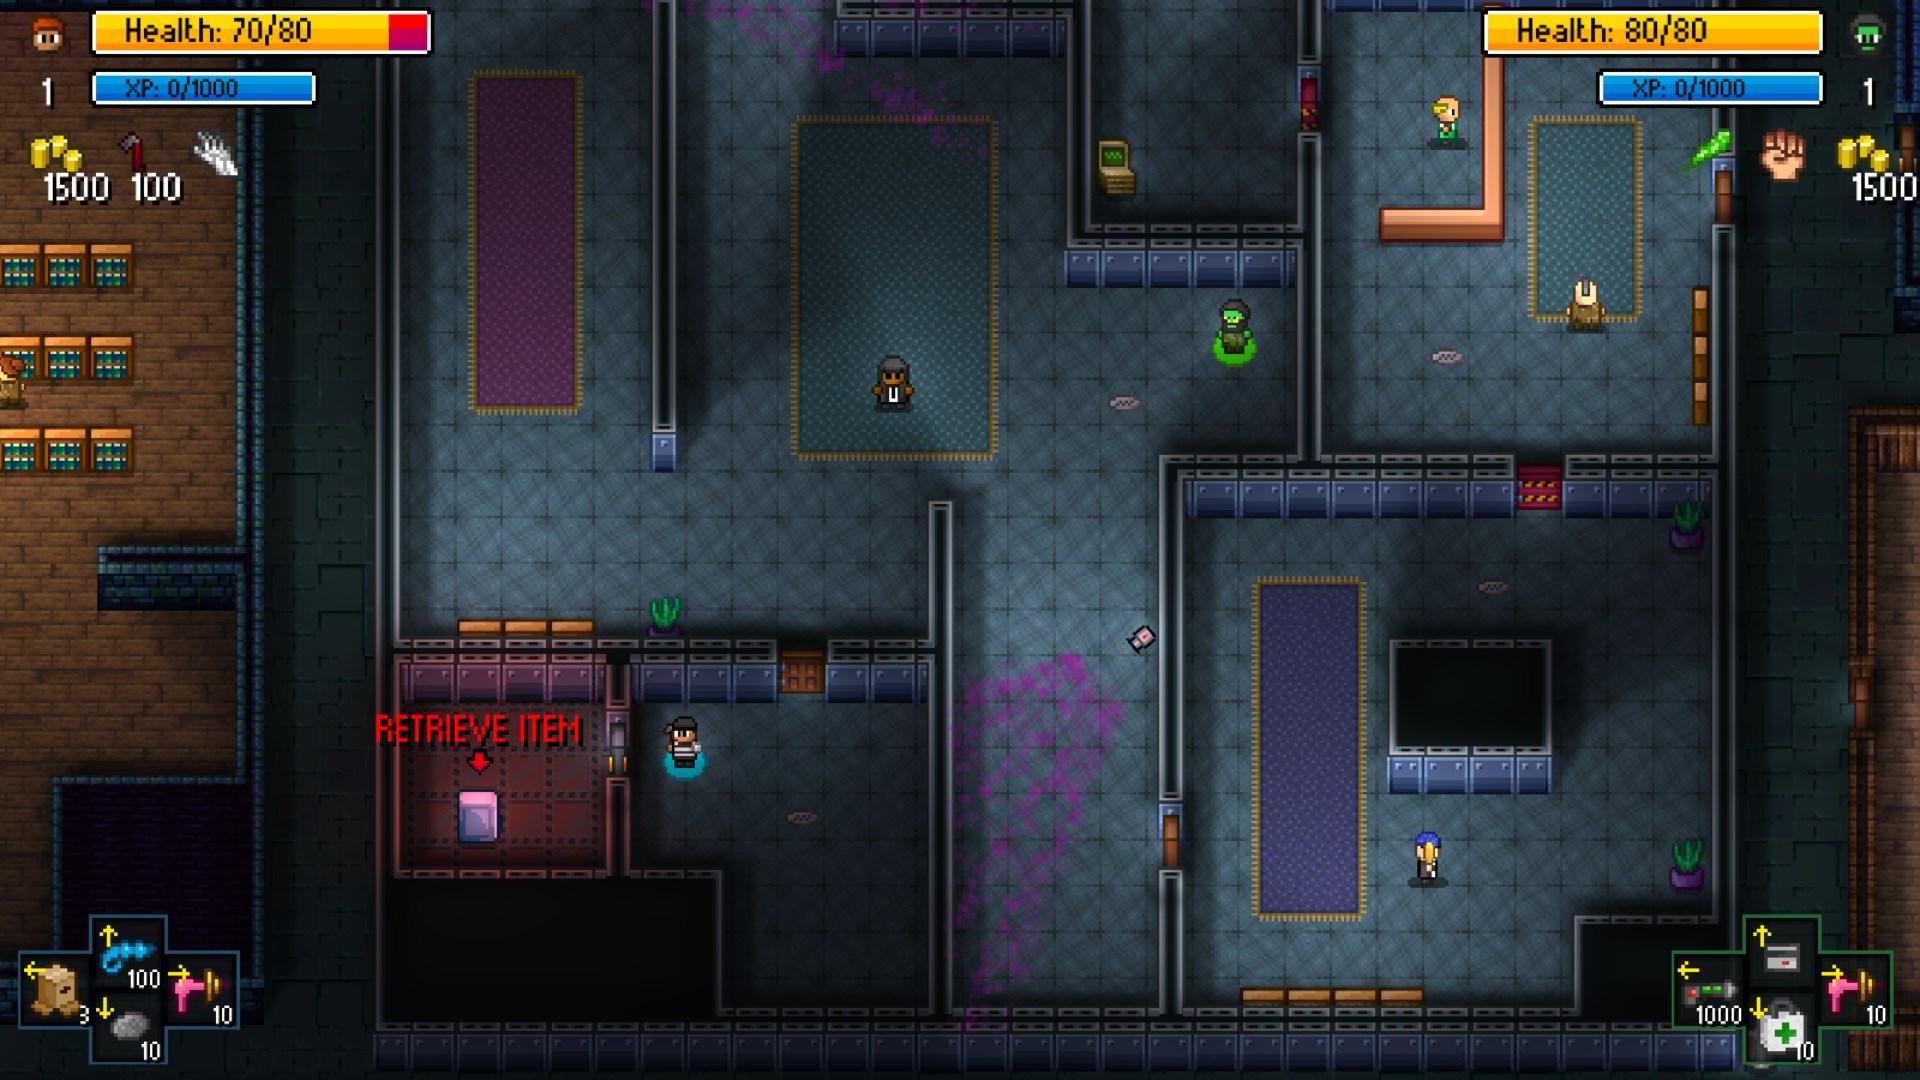 نقد و بررسی بازی Streets of Rogue